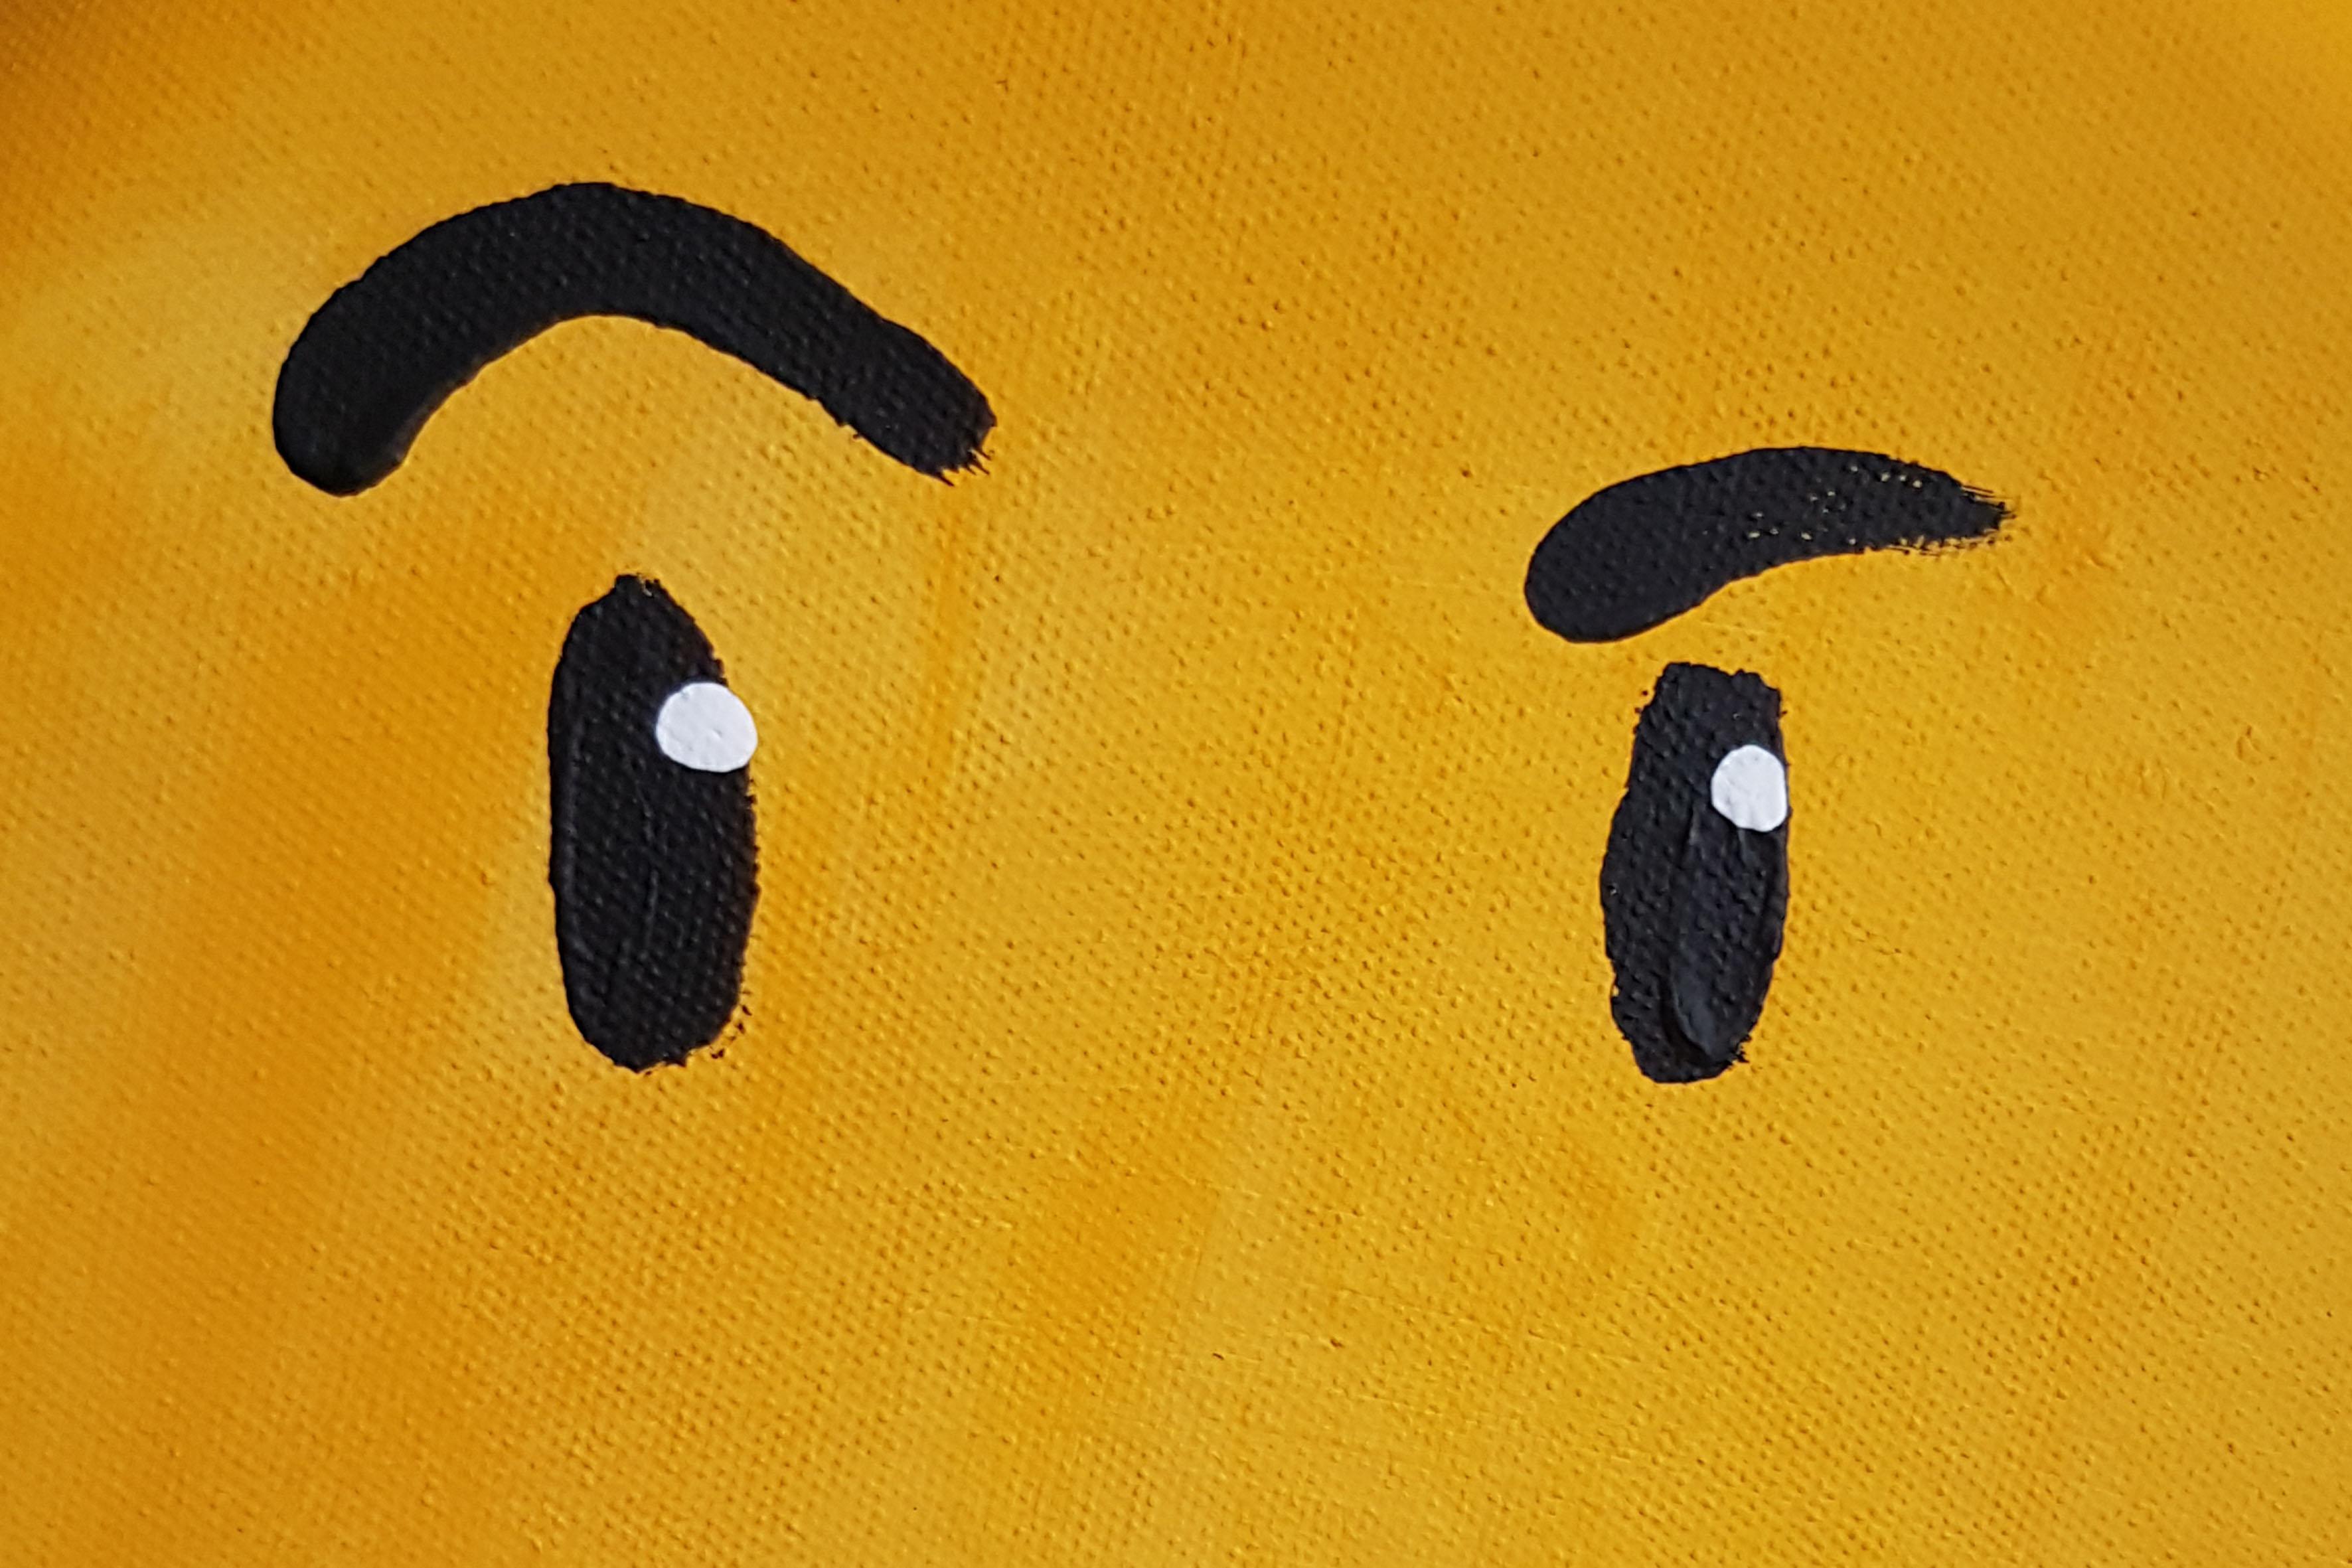 Thoughtful eyes